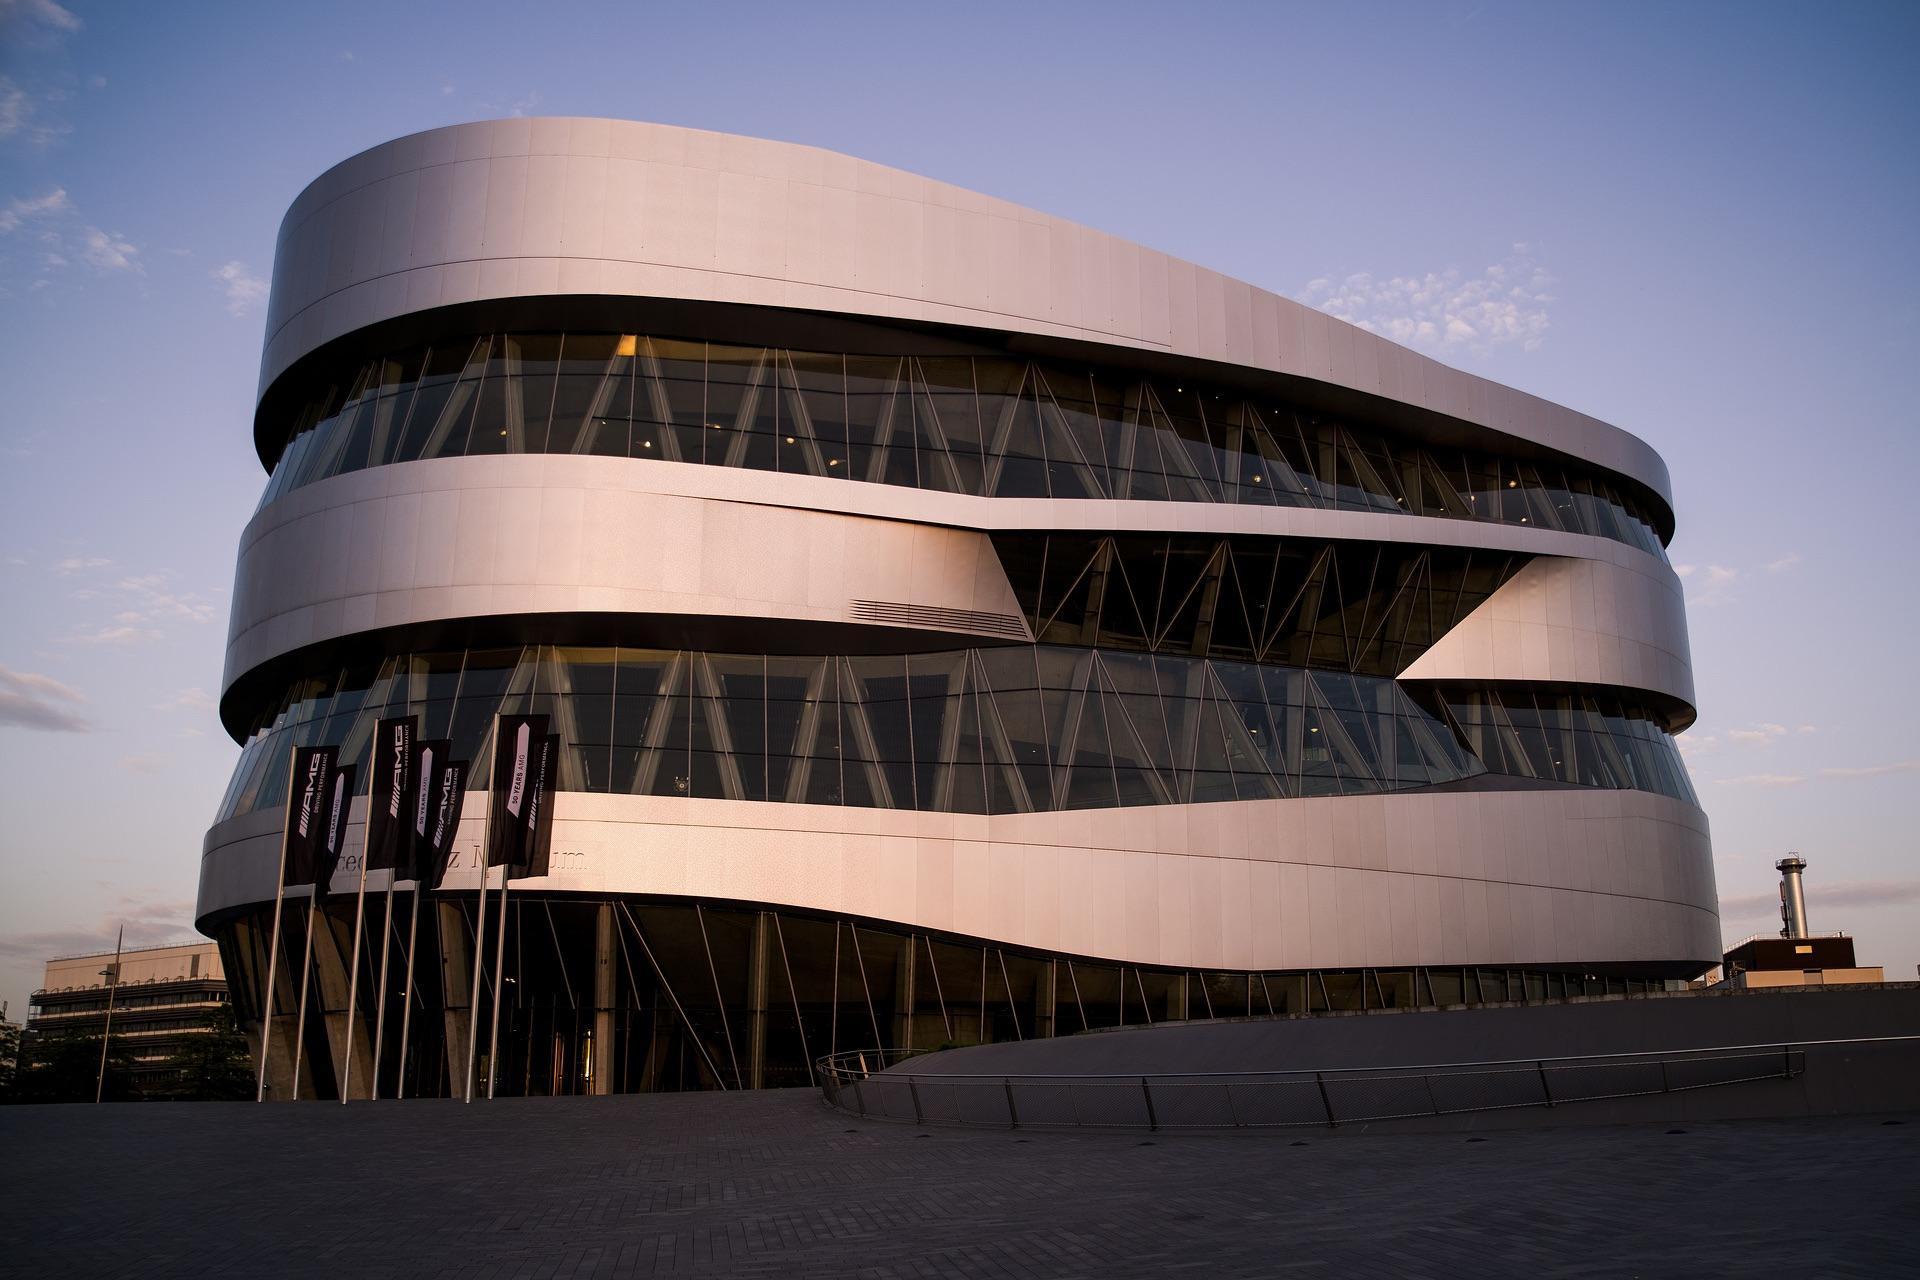 Ein guter Ausflugstipp: Das Mercedes-Benz-Museum in Stuttgart